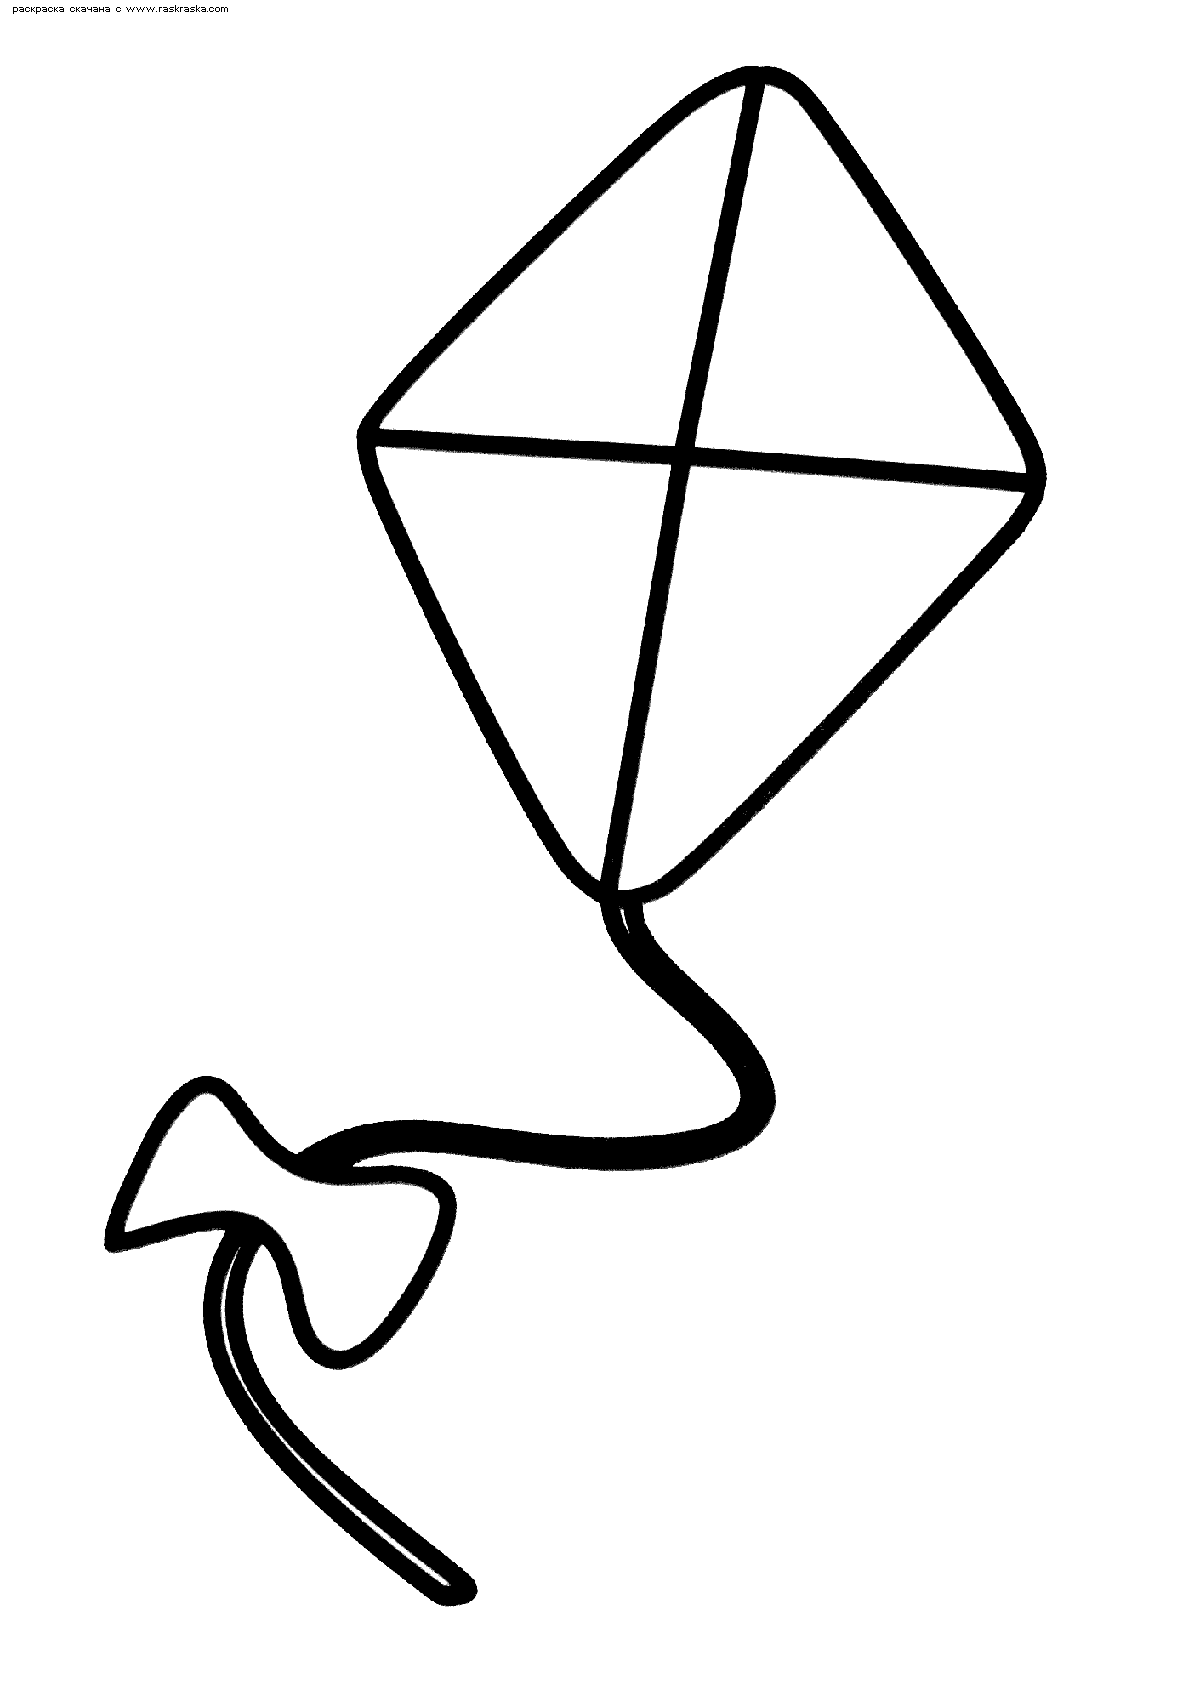 Раскраска Воздушный змей. Раскраска воздушный змей